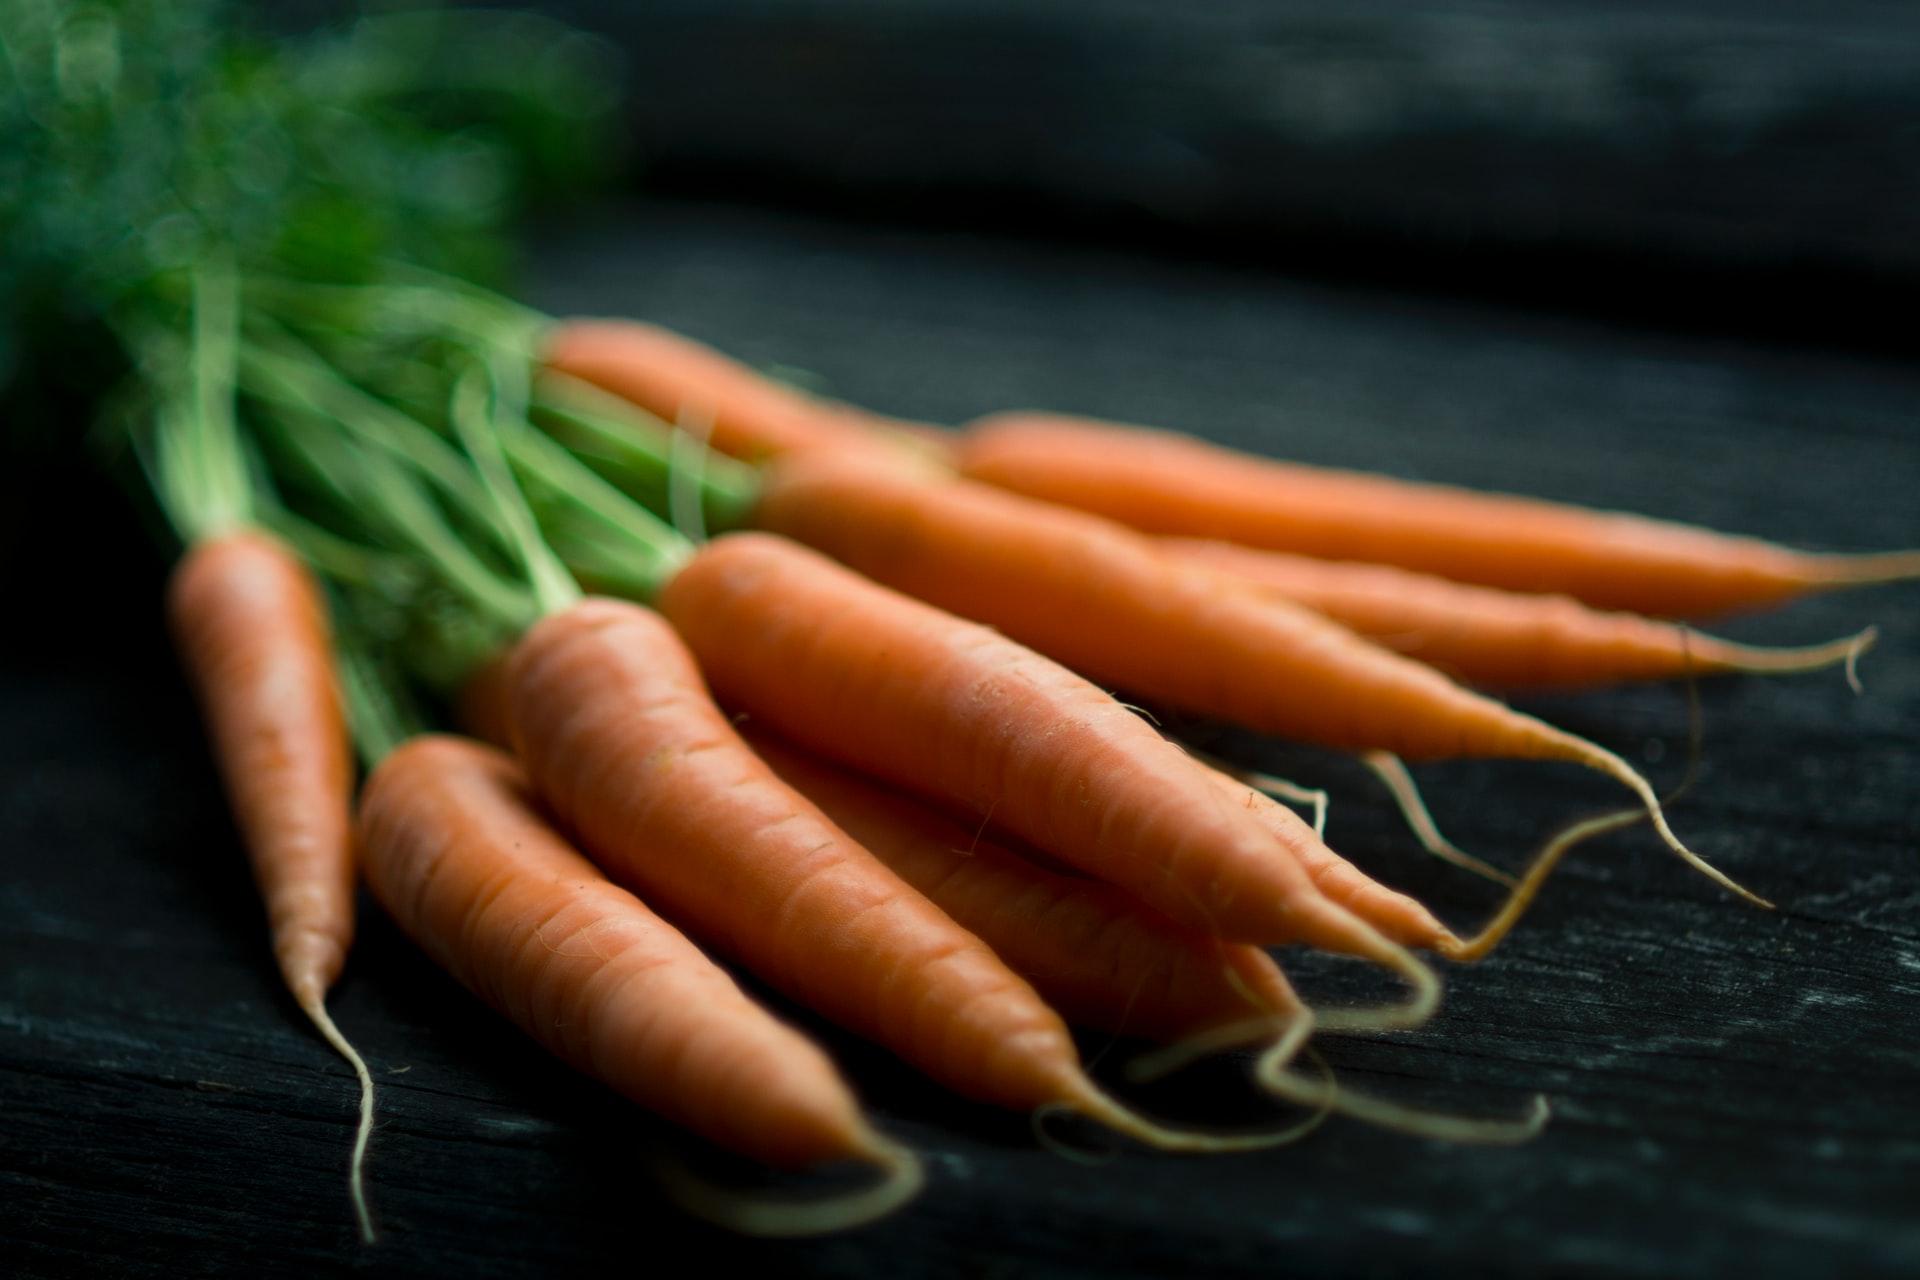 企業や家庭で食品ロスが起きる原因